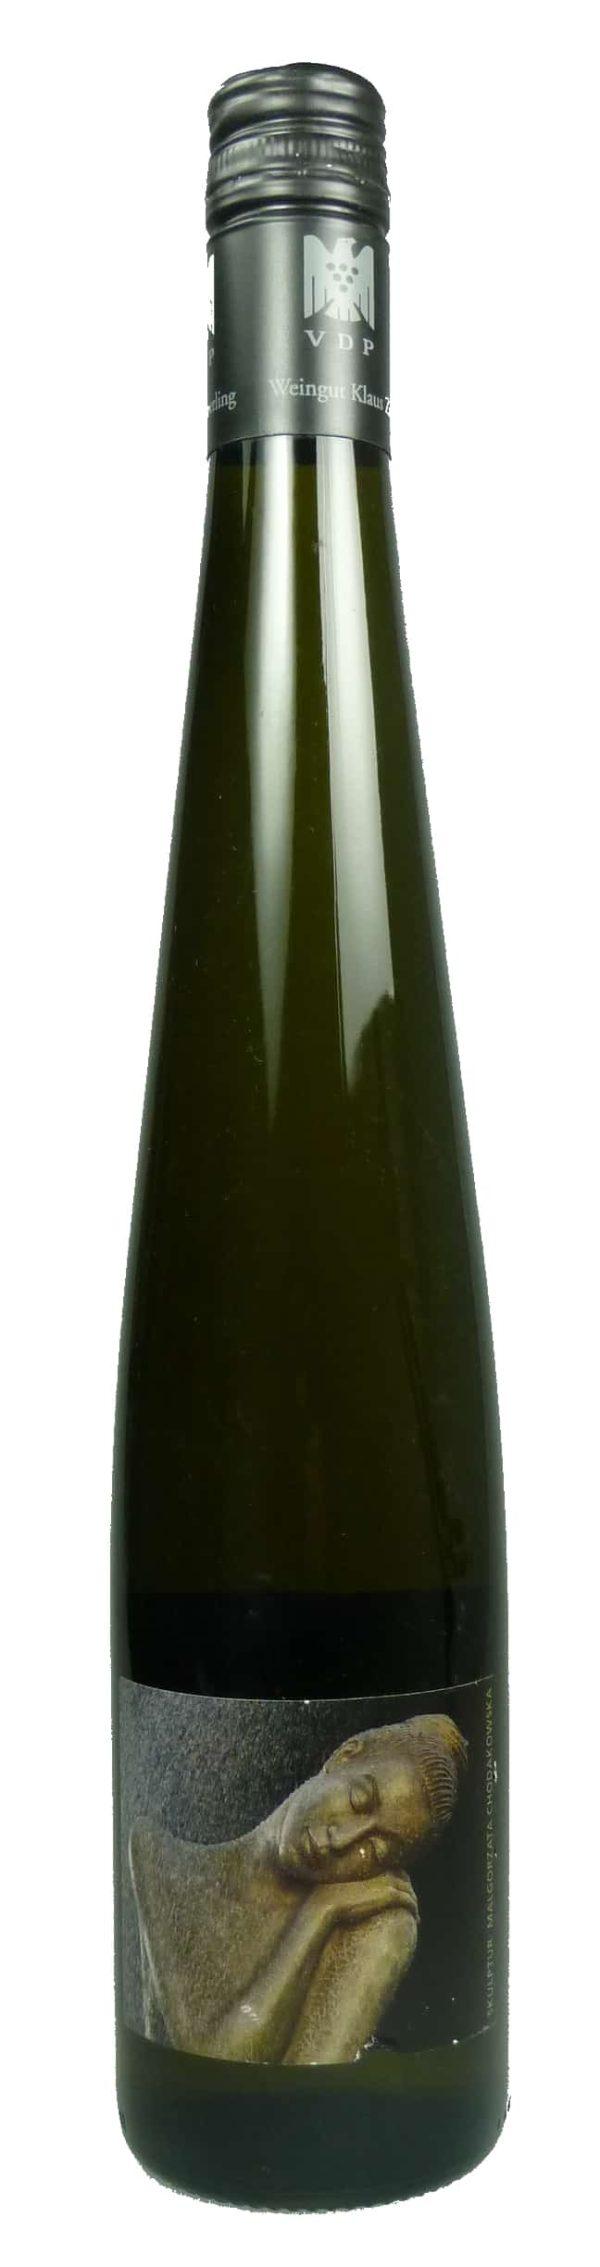 Riesling R Qualitätswein trocken 2015